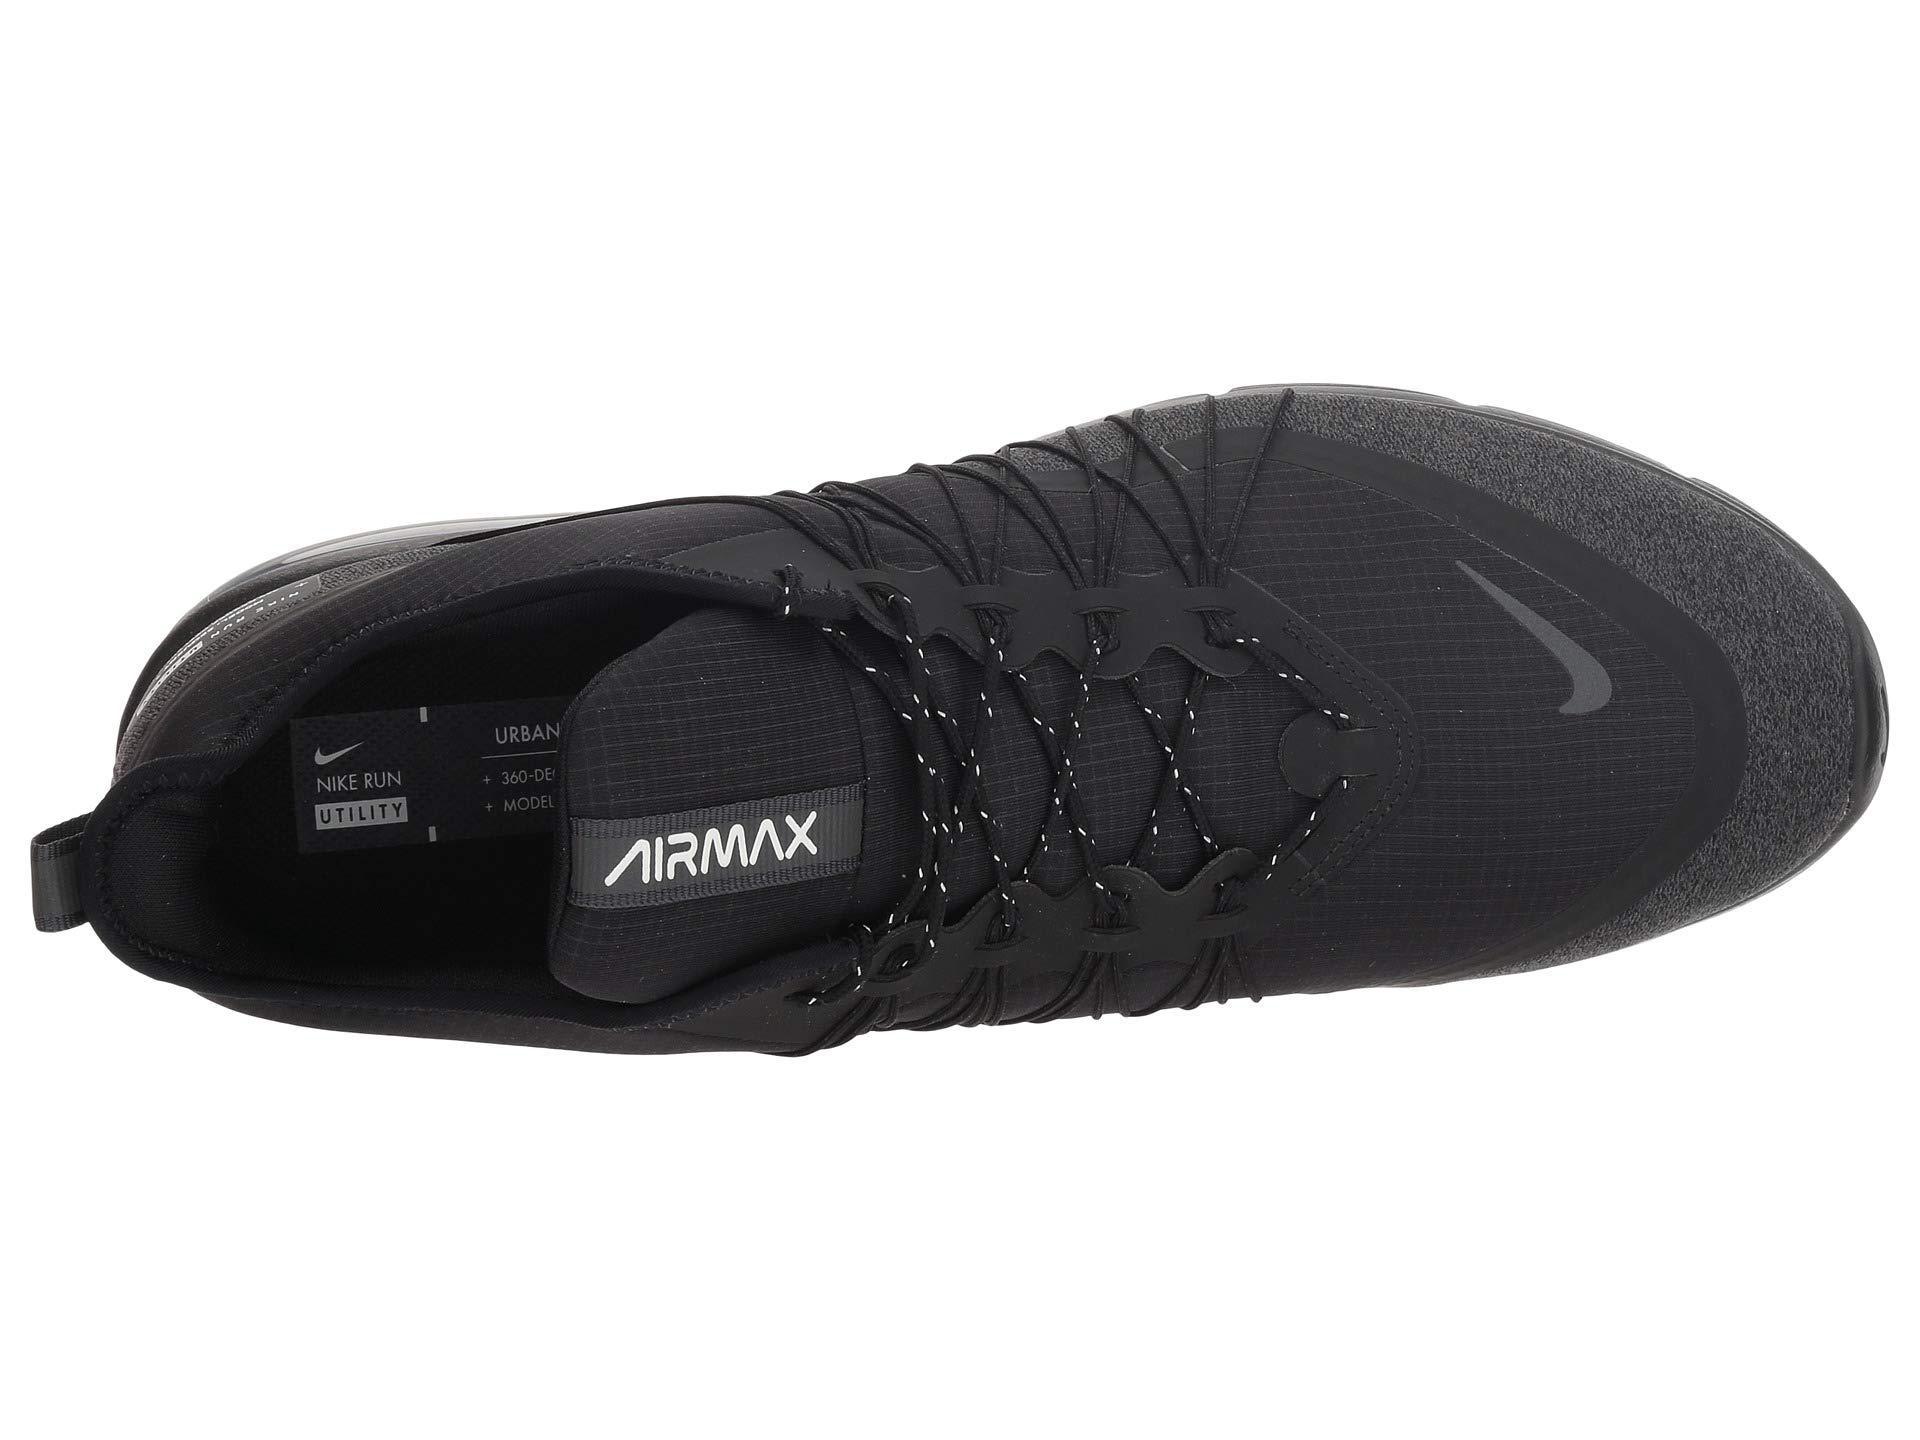 7bcb41cede45e Nike - Air Max Sequent 4 Shield (black metallic Silver dark Grey). View  fullscreen